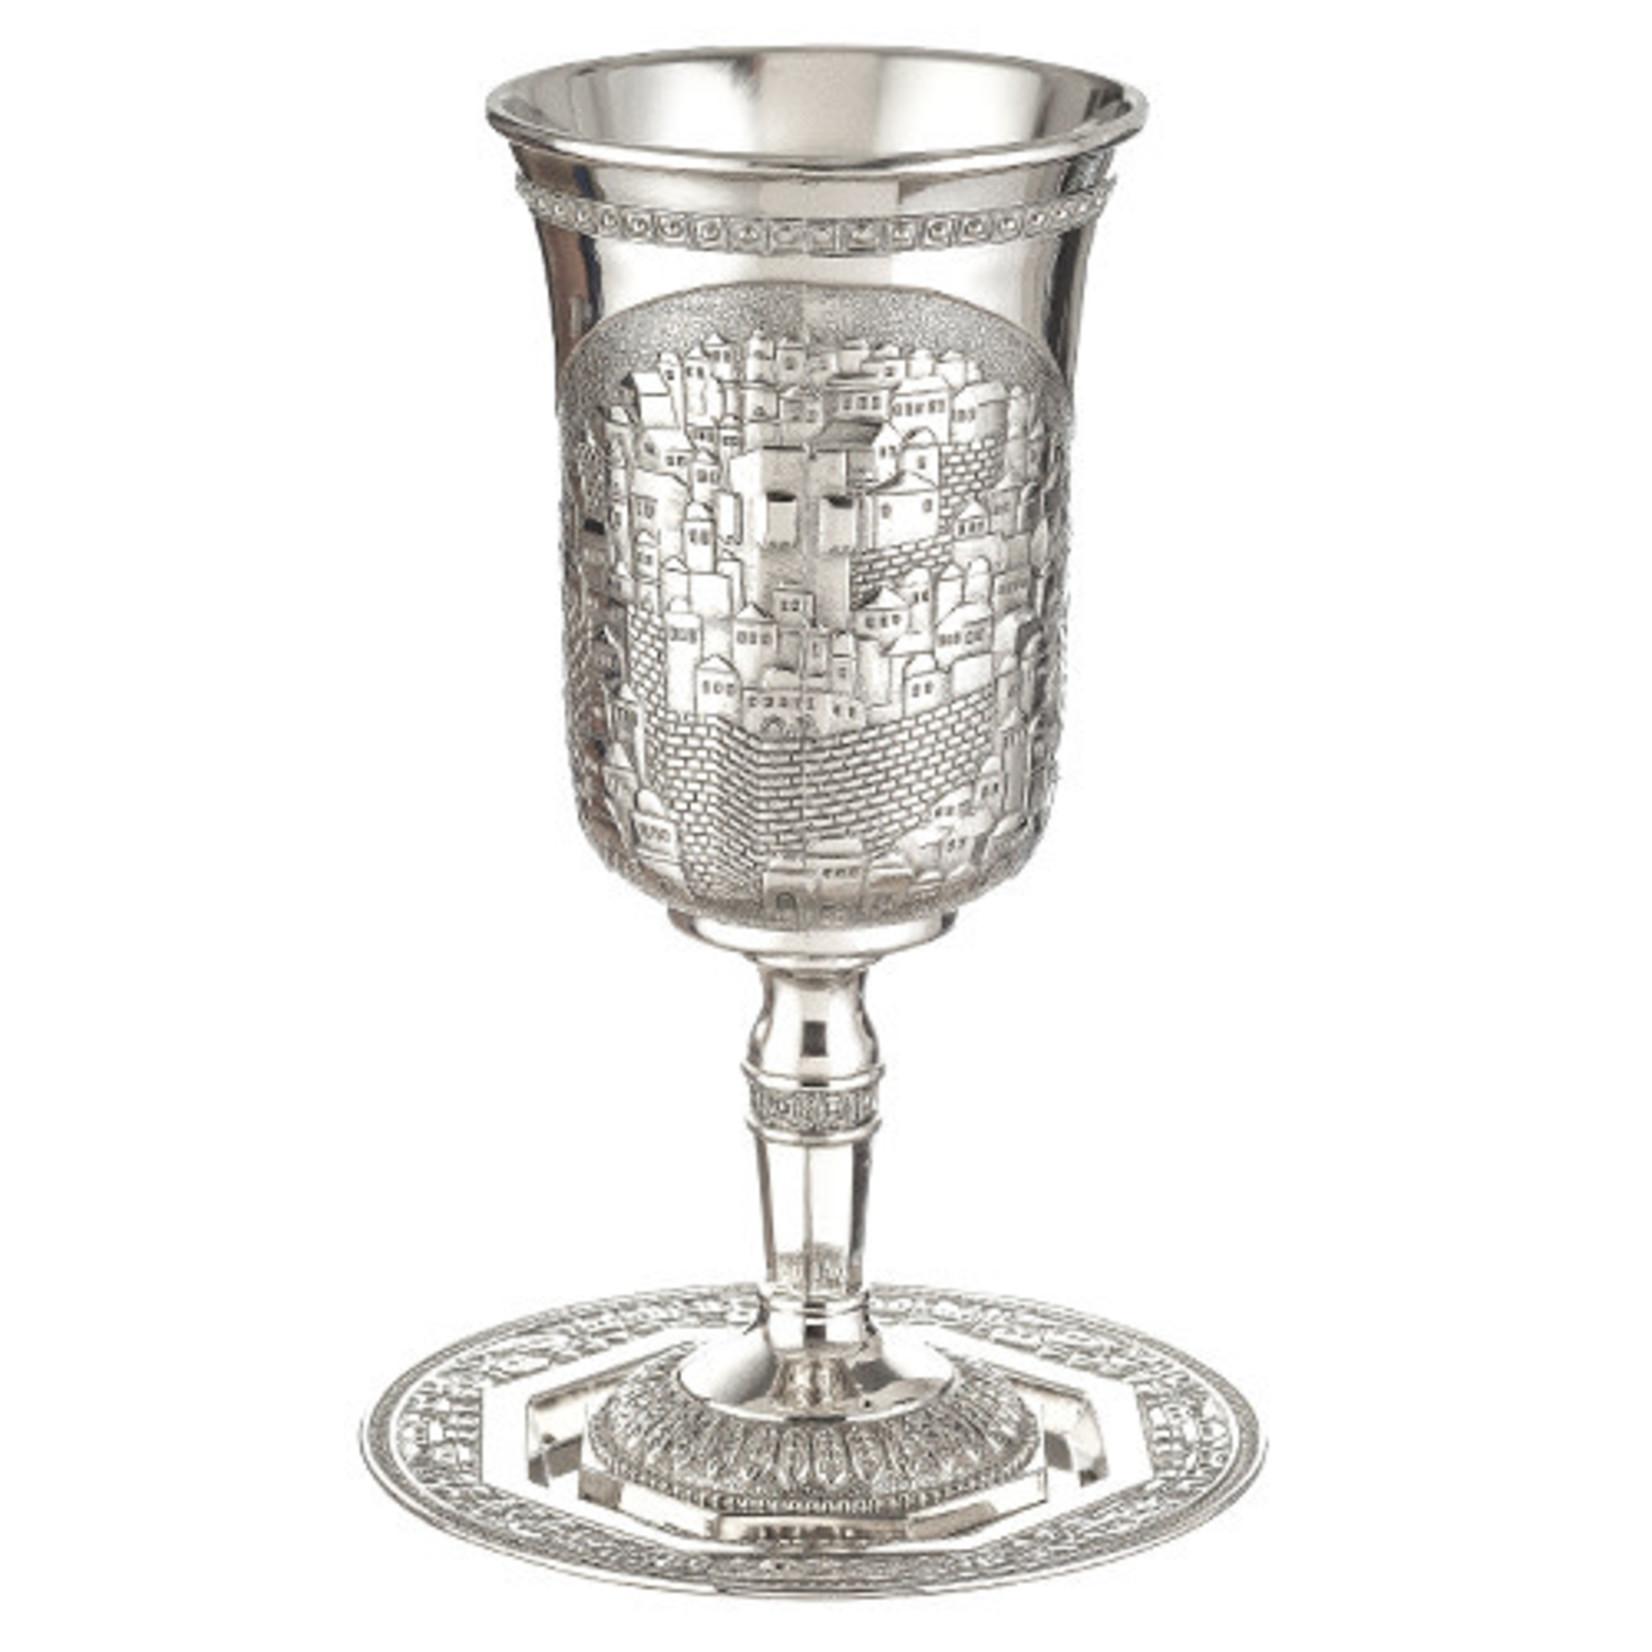 Elijah Cup with Tray, Nickel